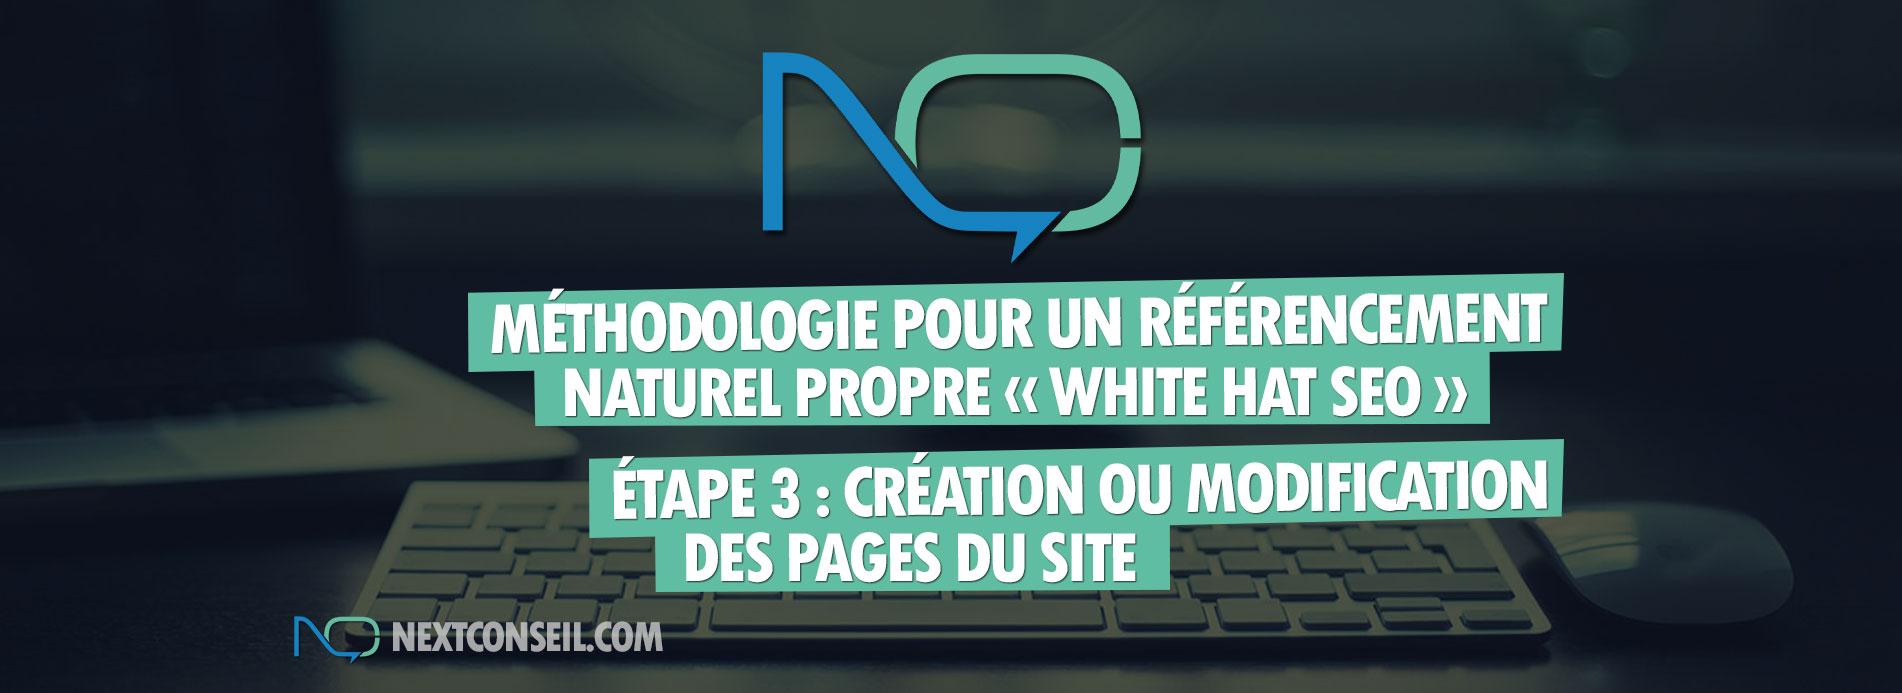 Méthodologie pour un référencement naturel white hat seo - Etape 3